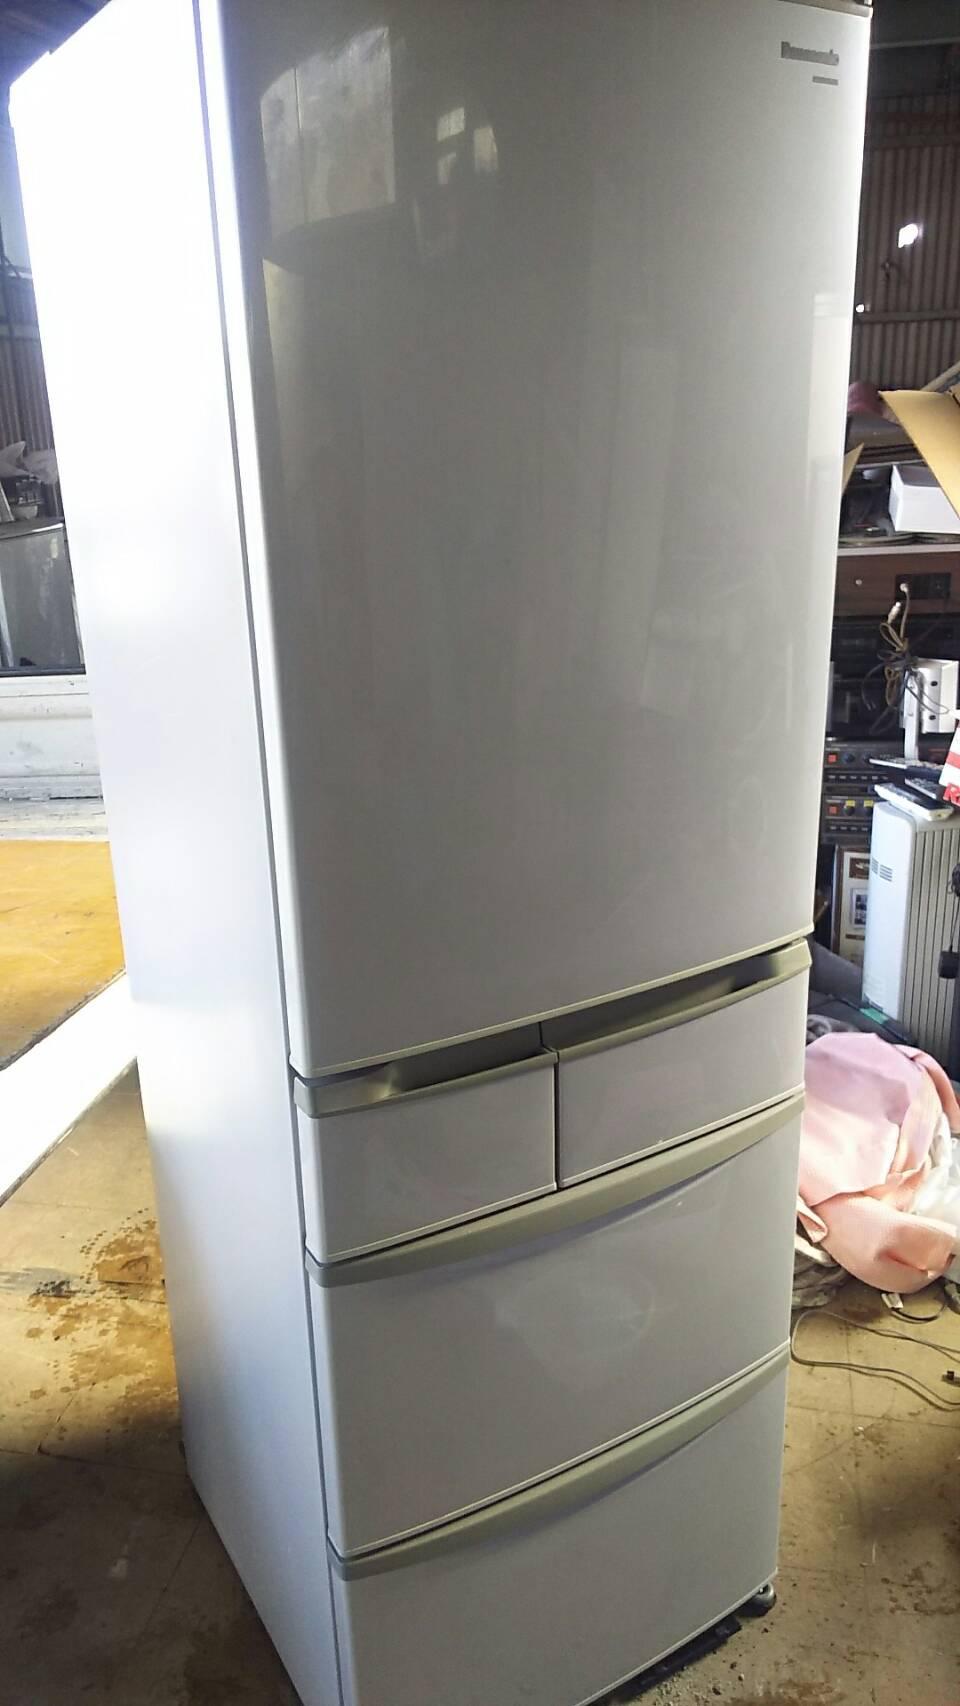 玉野市で不用品回収した冷蔵庫